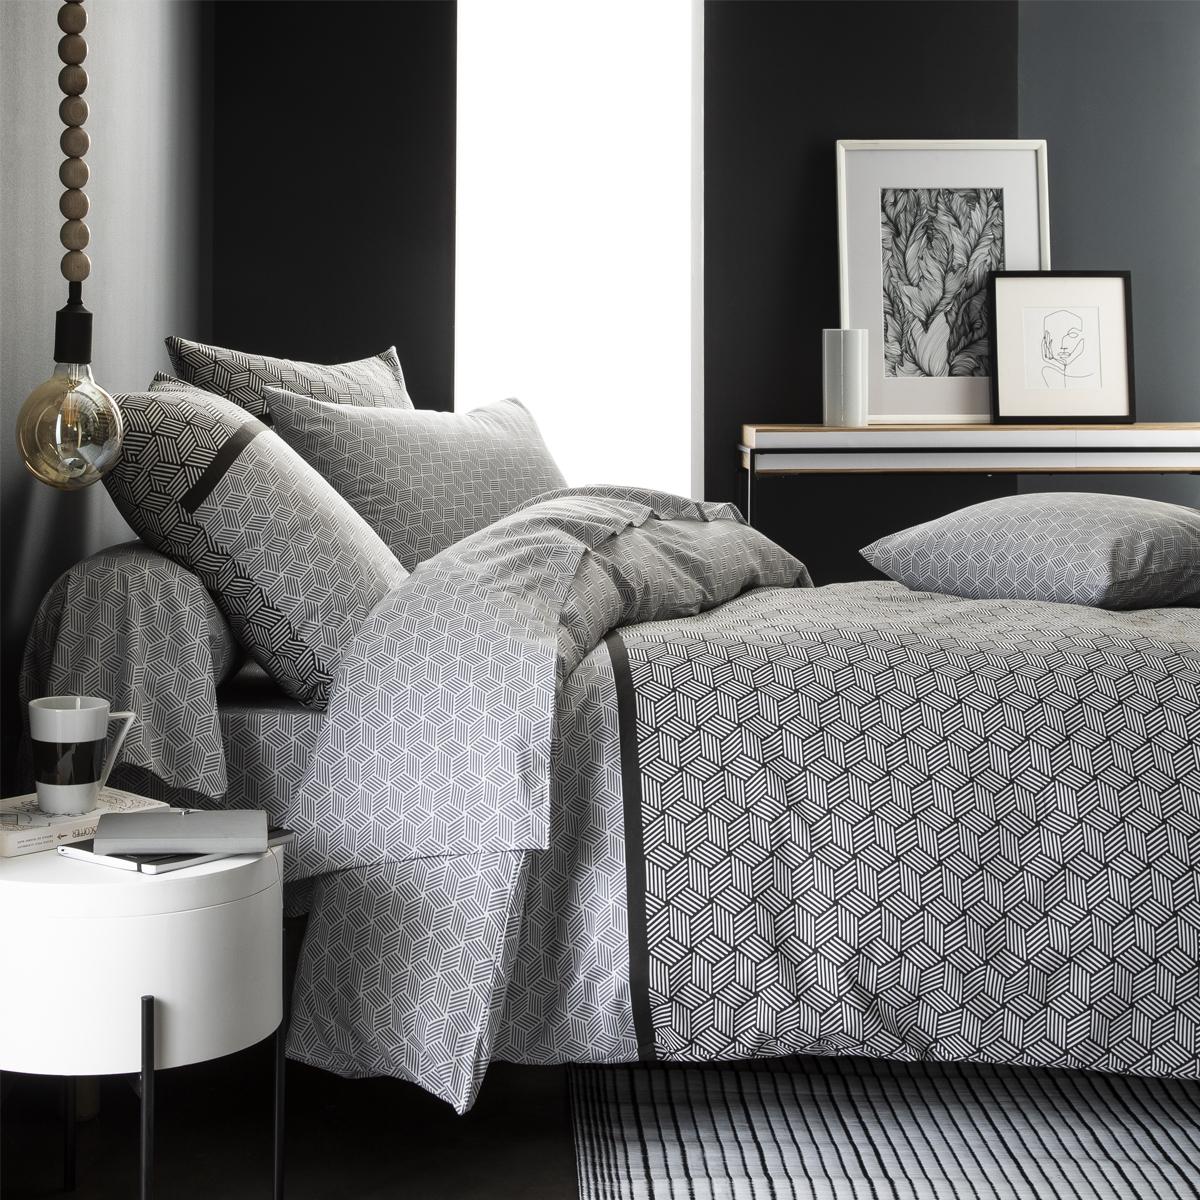 Parure de lit imprimée en bambou blanc et noir 260x240